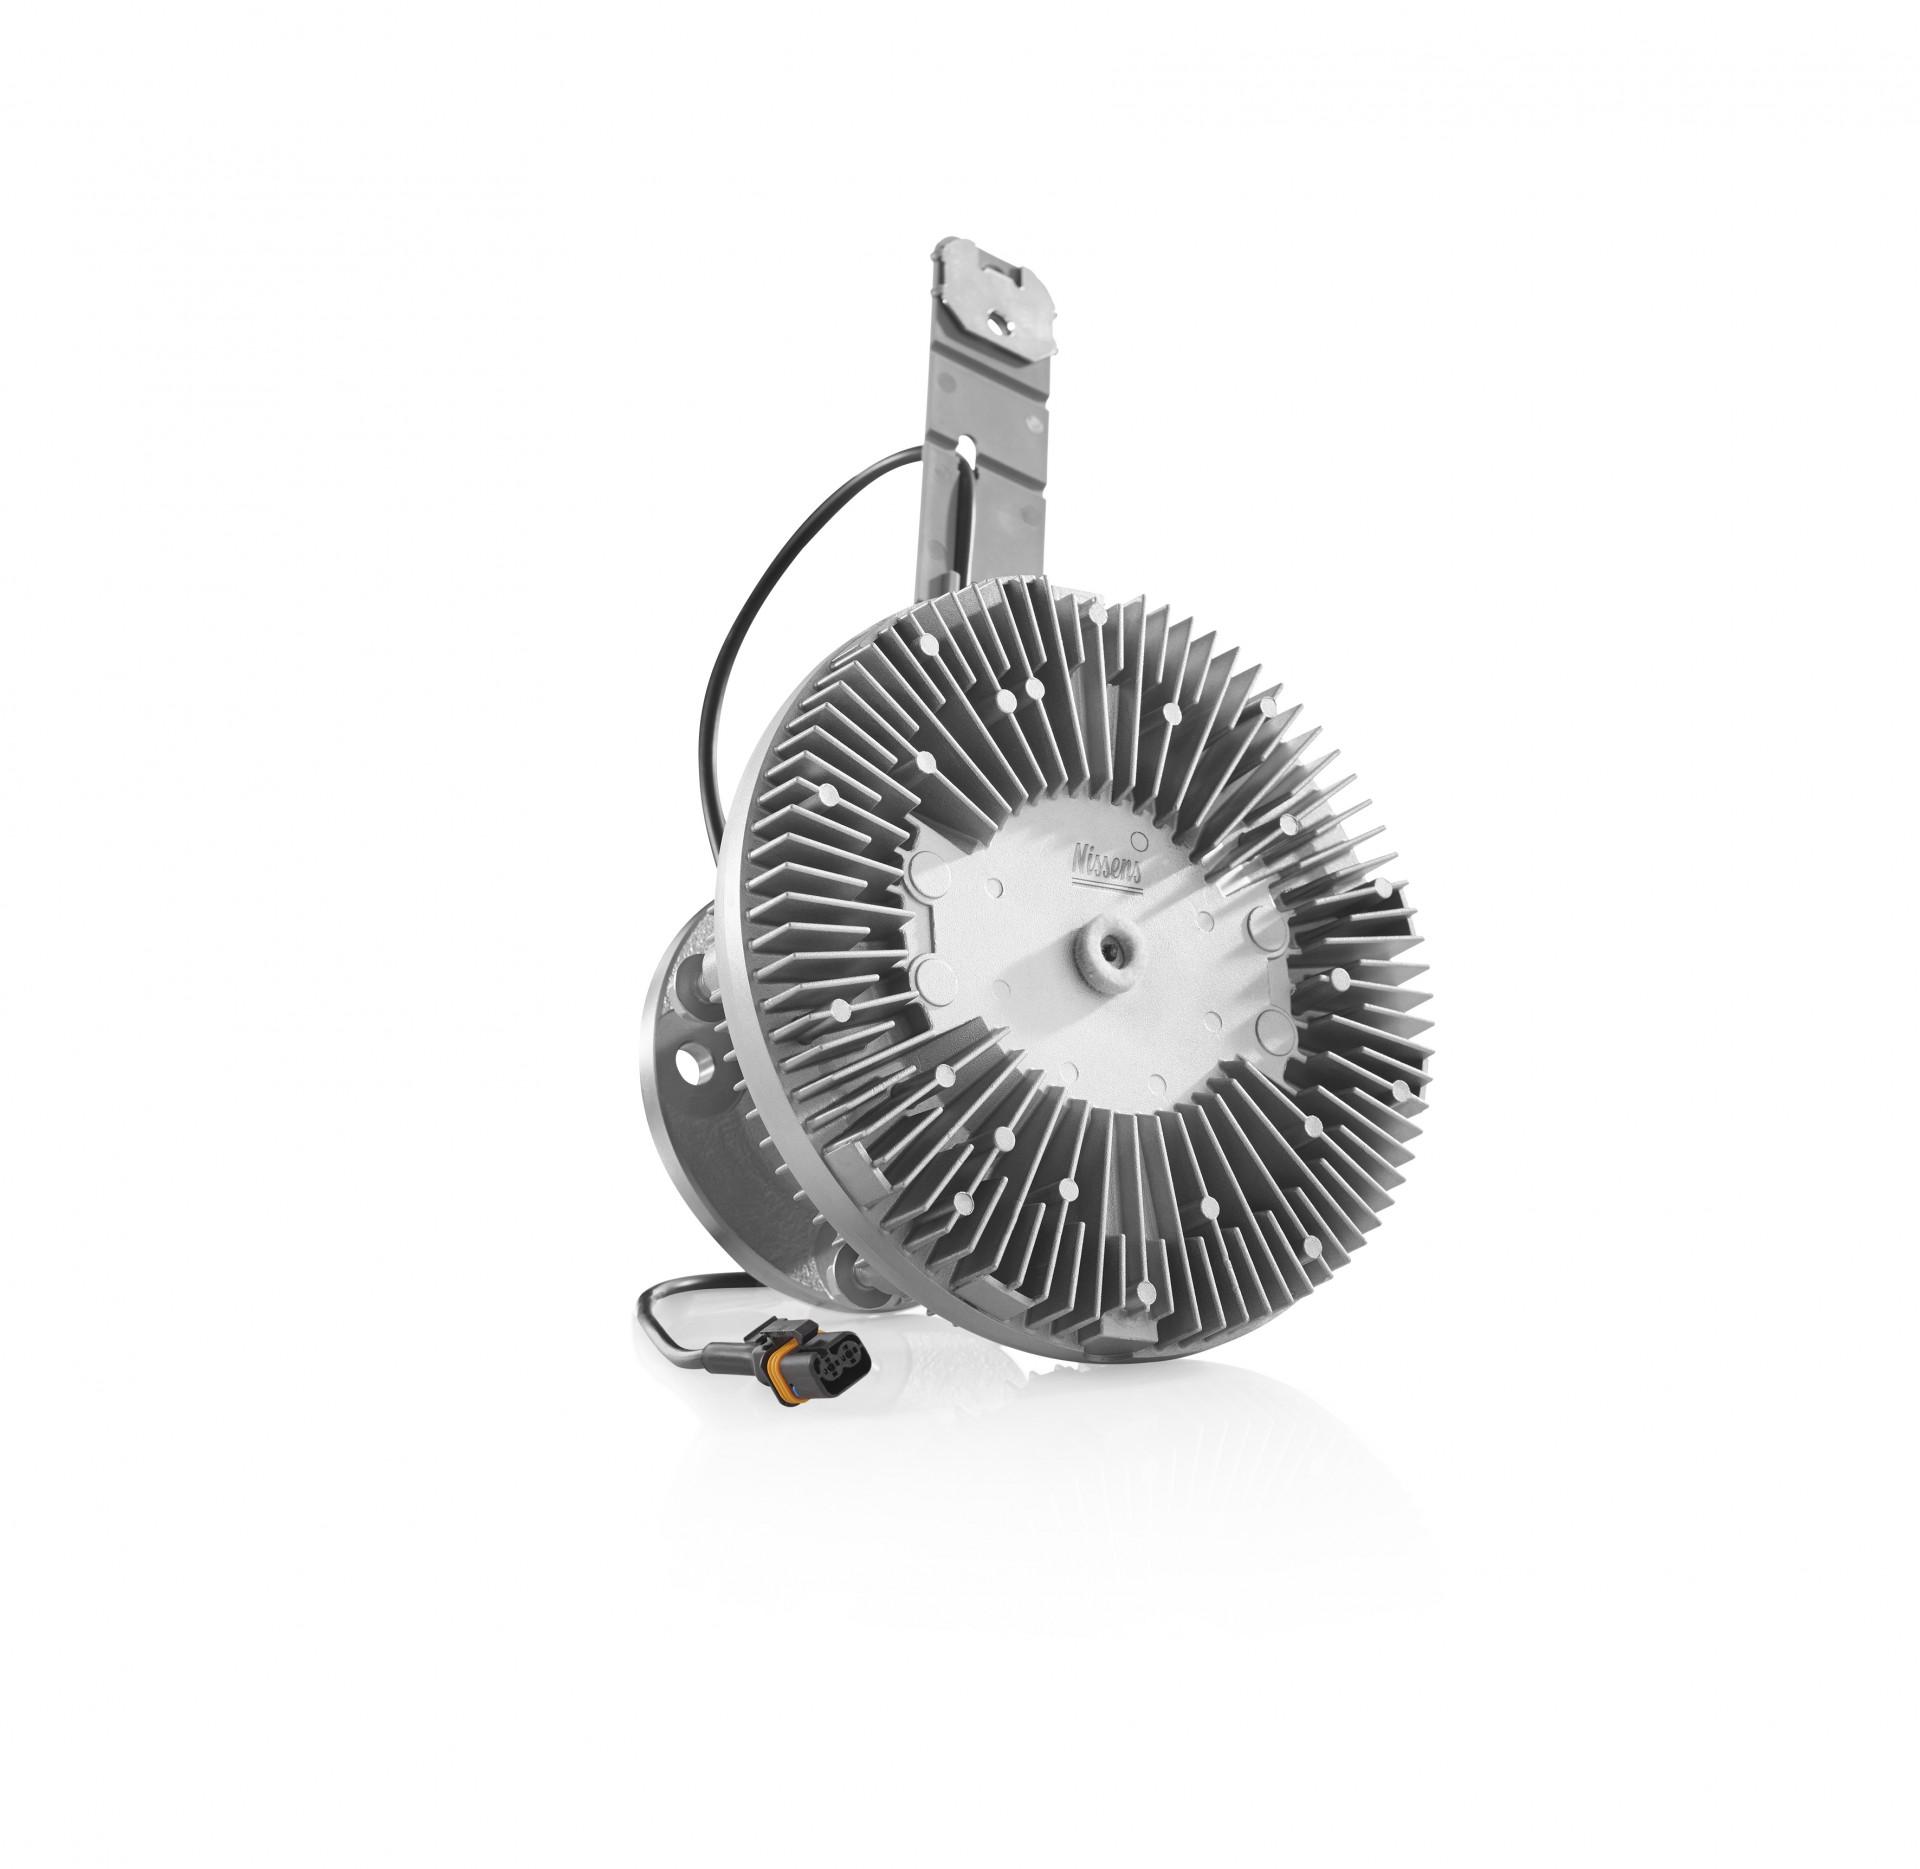 Sprzęgła wentylatorów chłodnic – kluczowy element w chłodzeniu silnika_02.jpg